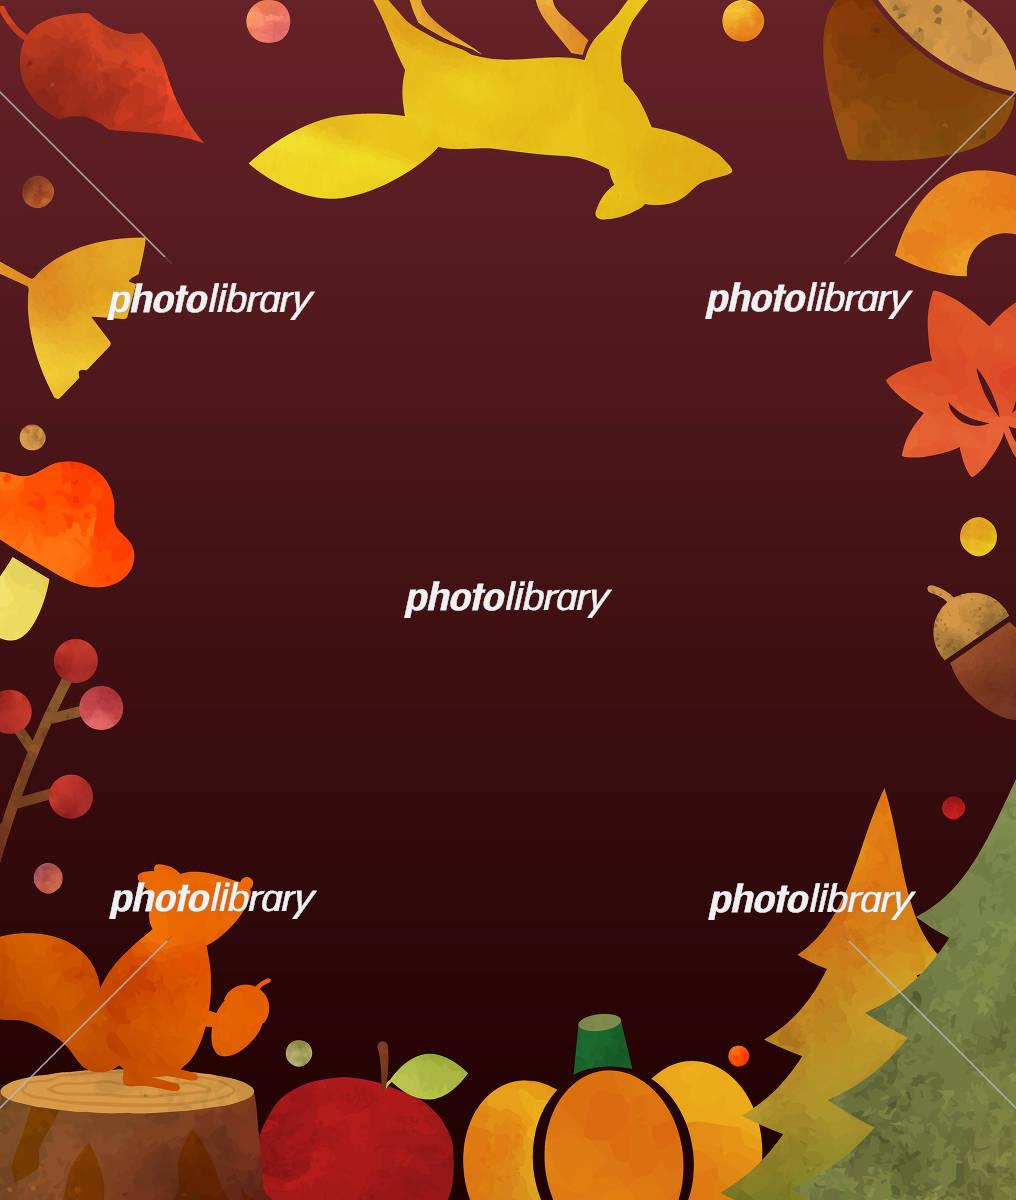 オシャレな秋の水彩カード イラスト素材 フォトライブラリー Photolibrary